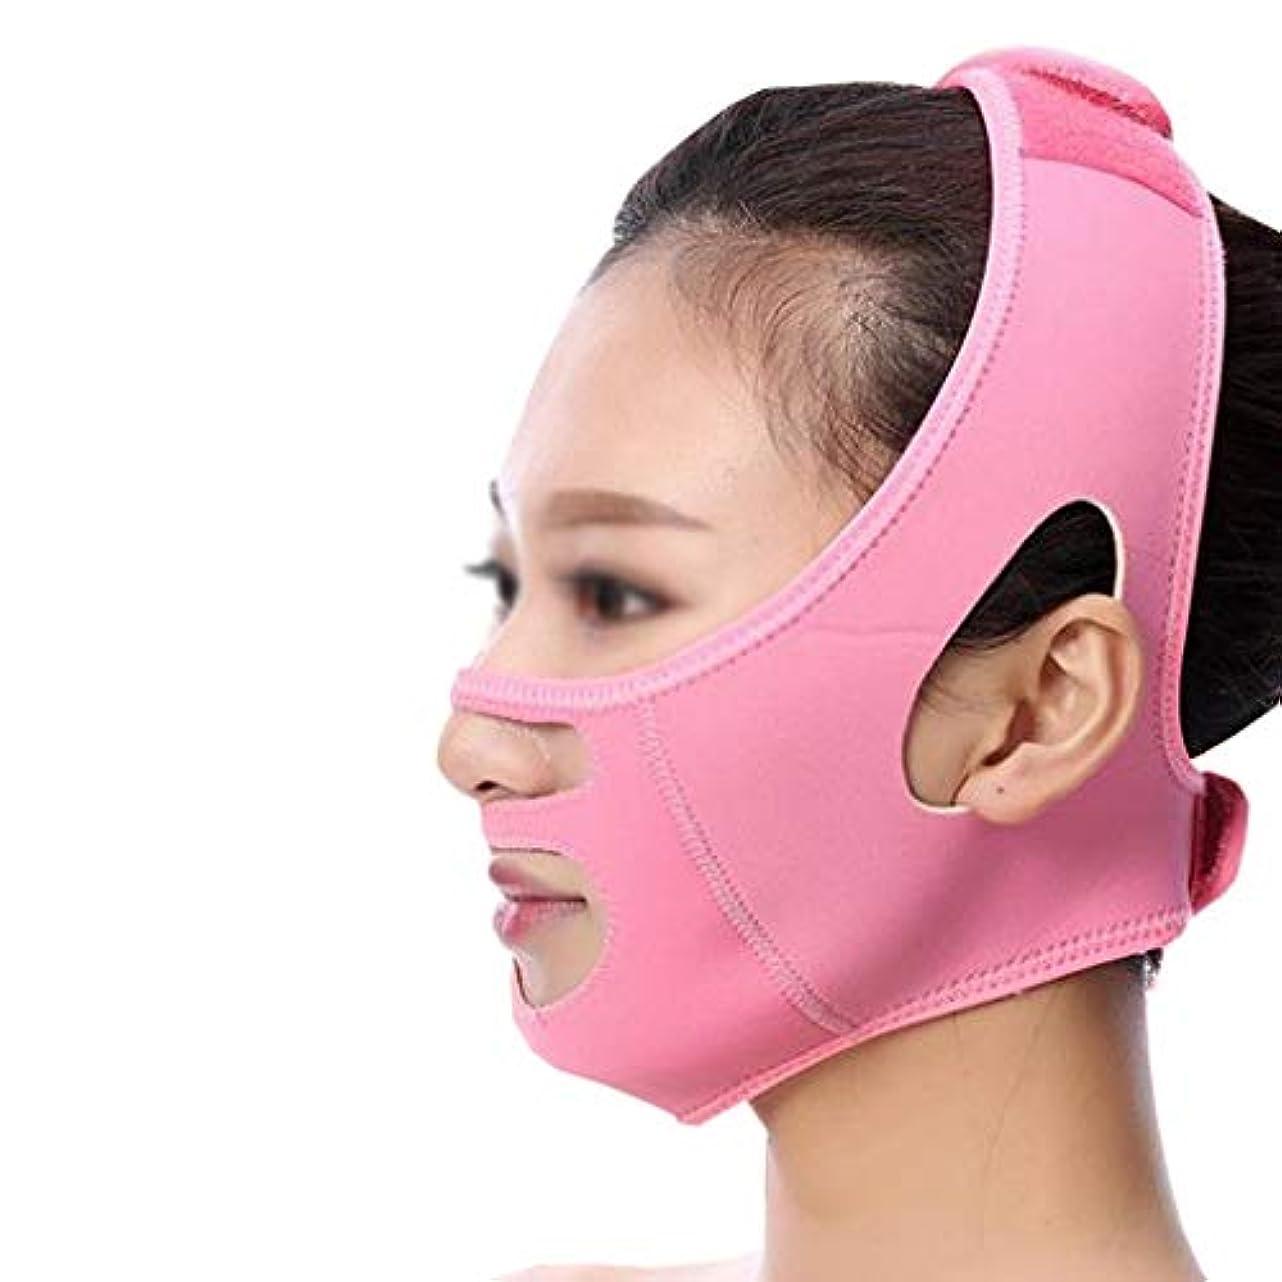 窒素独立した粒ZWBD フェイスマスク, フェイスリフティングフェイスリフティングフェイスリフティングフェイスマスク機器フェイスリフティング包帯男性と女性肌引き締めしわ防止法律パターン薄い顔の楽器フェイスリフティングアーティファクト